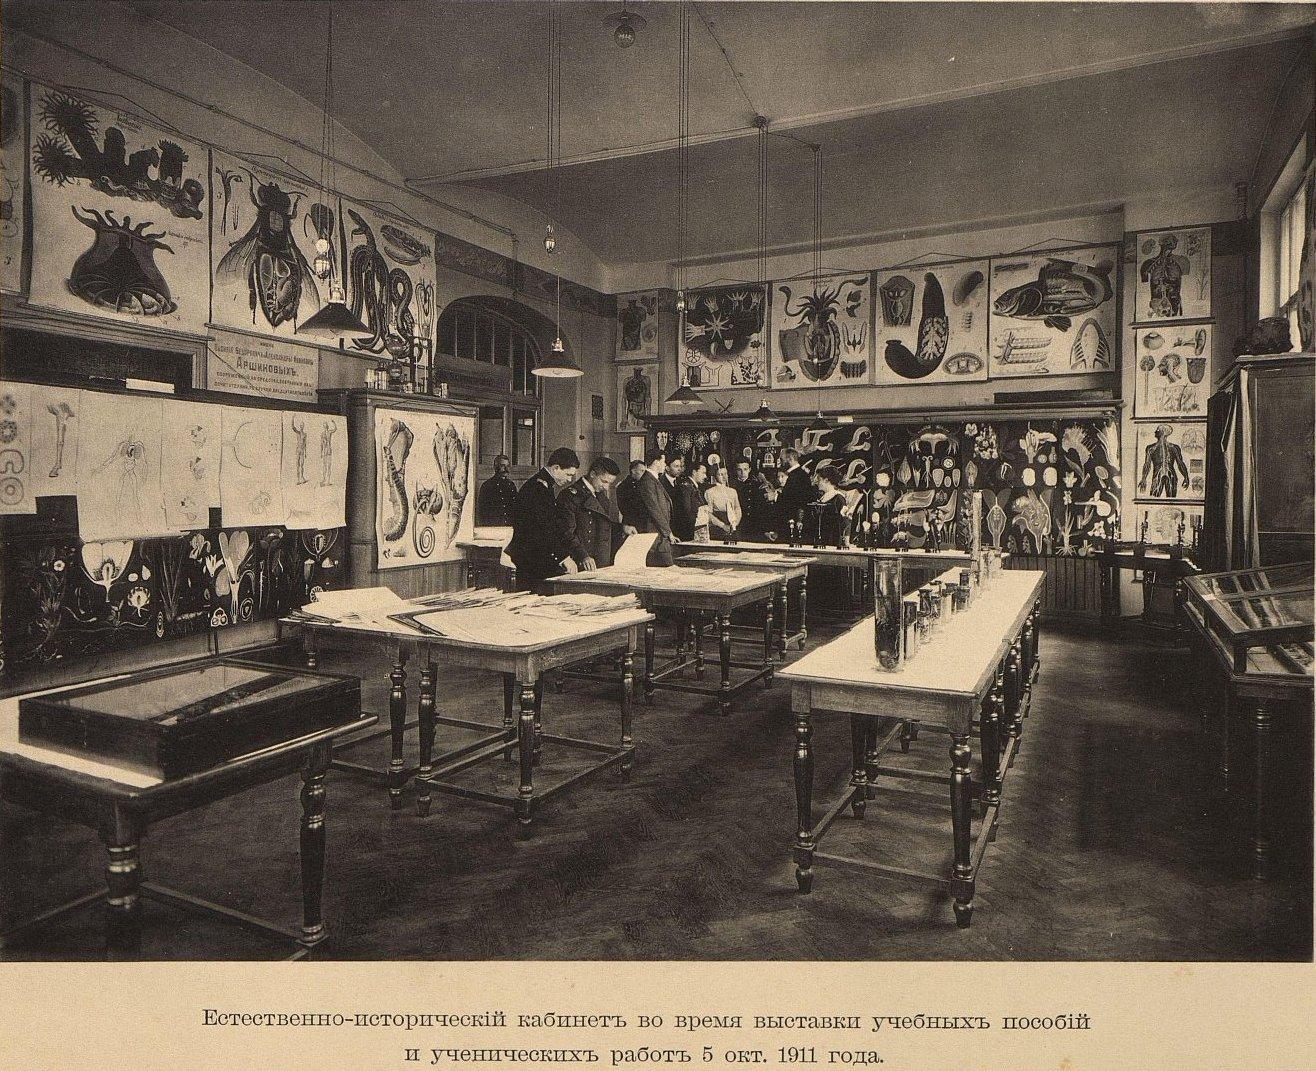 05. Естественно-исторический кабинет во время выставки учебных пособий и ученических работ 5 окт. 1911 года